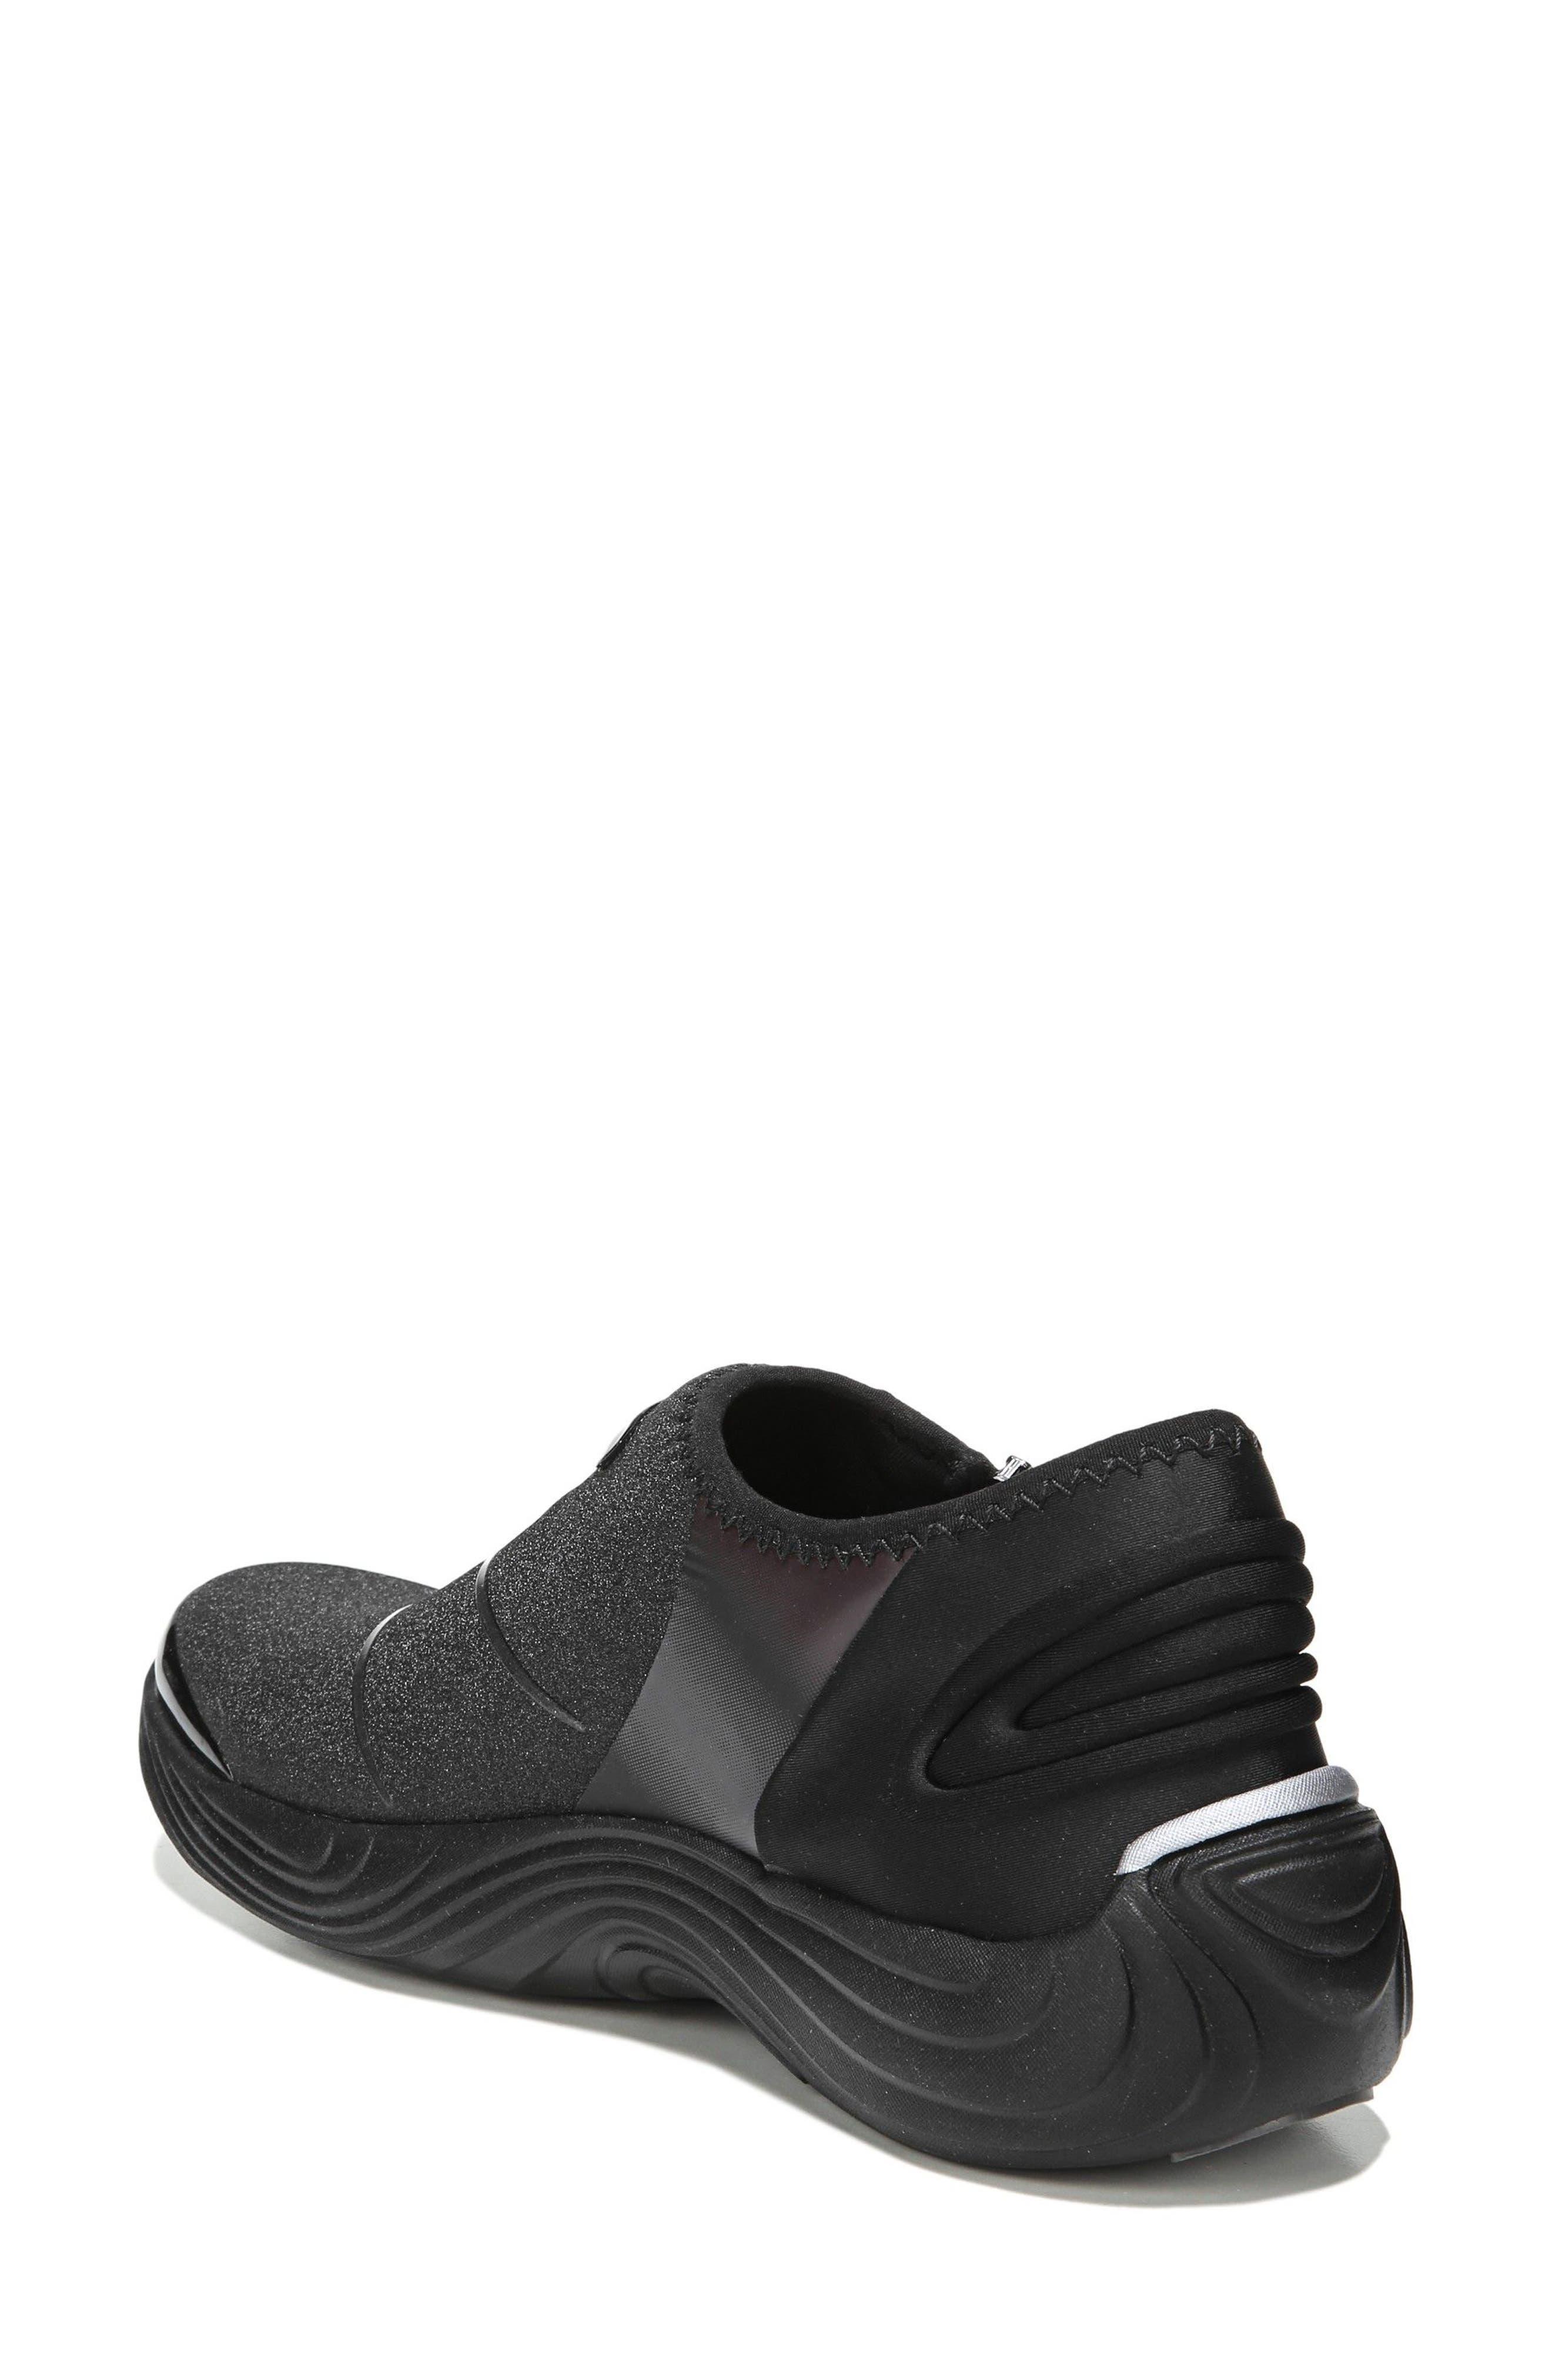 Trilogy Slip-On Sneaker,                             Alternate thumbnail 2, color,                             001